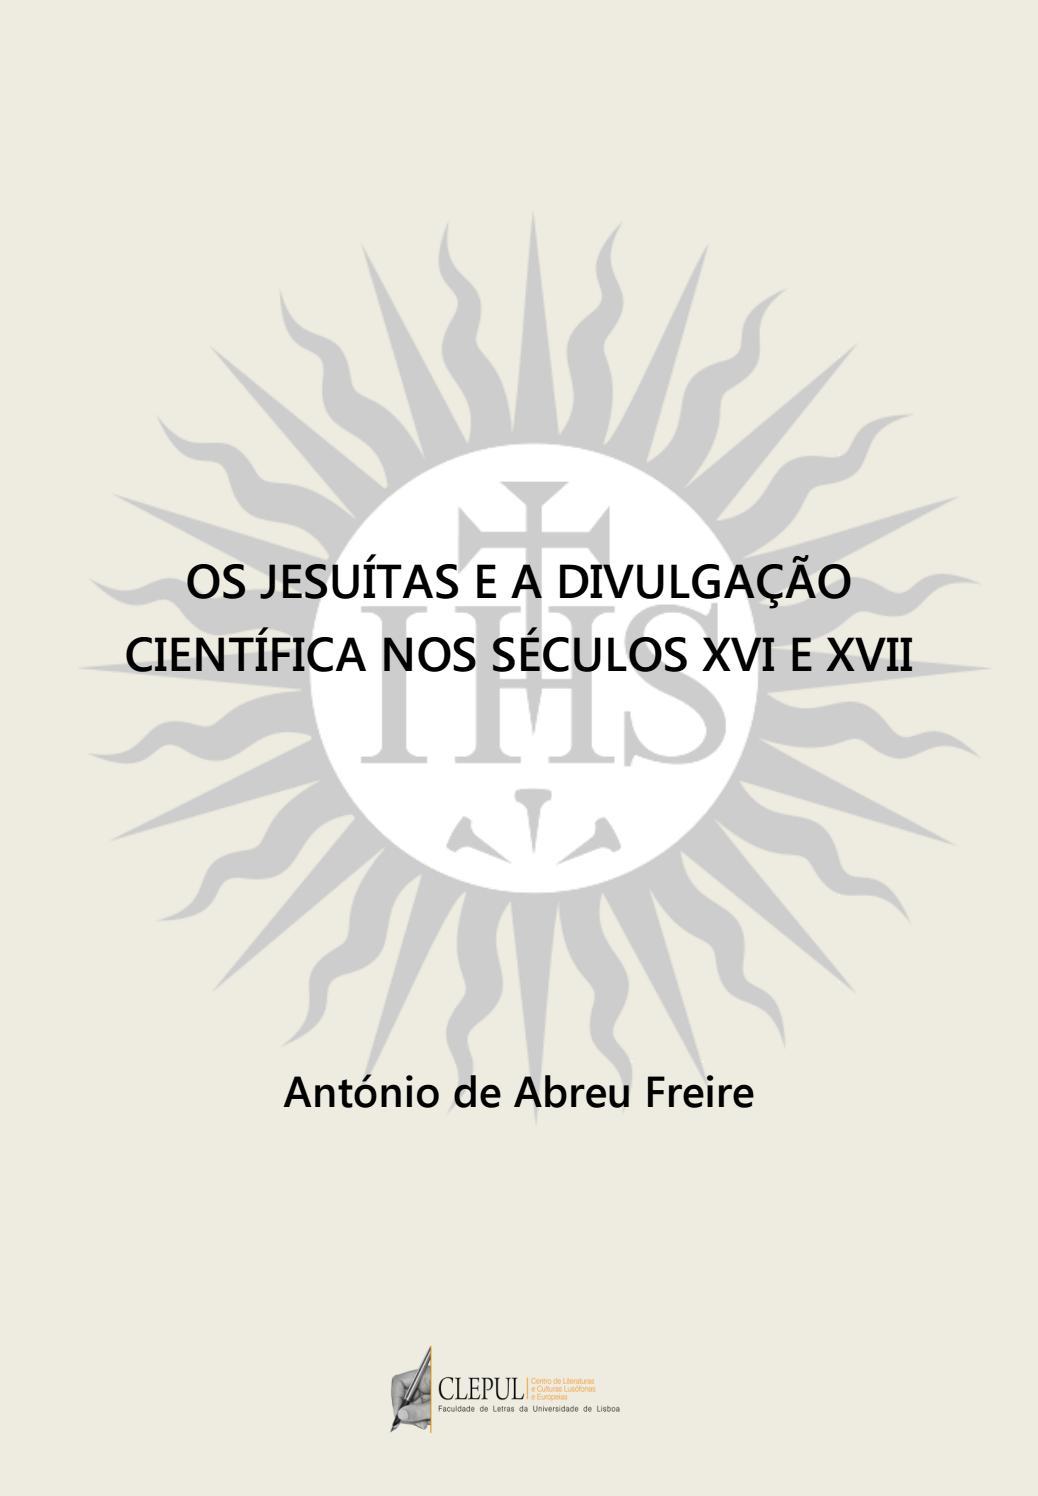 b78e47bd8 Os Jesuítas e a divulgação científica nos séculos XVI e XVII by Centro de  Literaturas e Culturas Lusófonas e Europeias - issuu